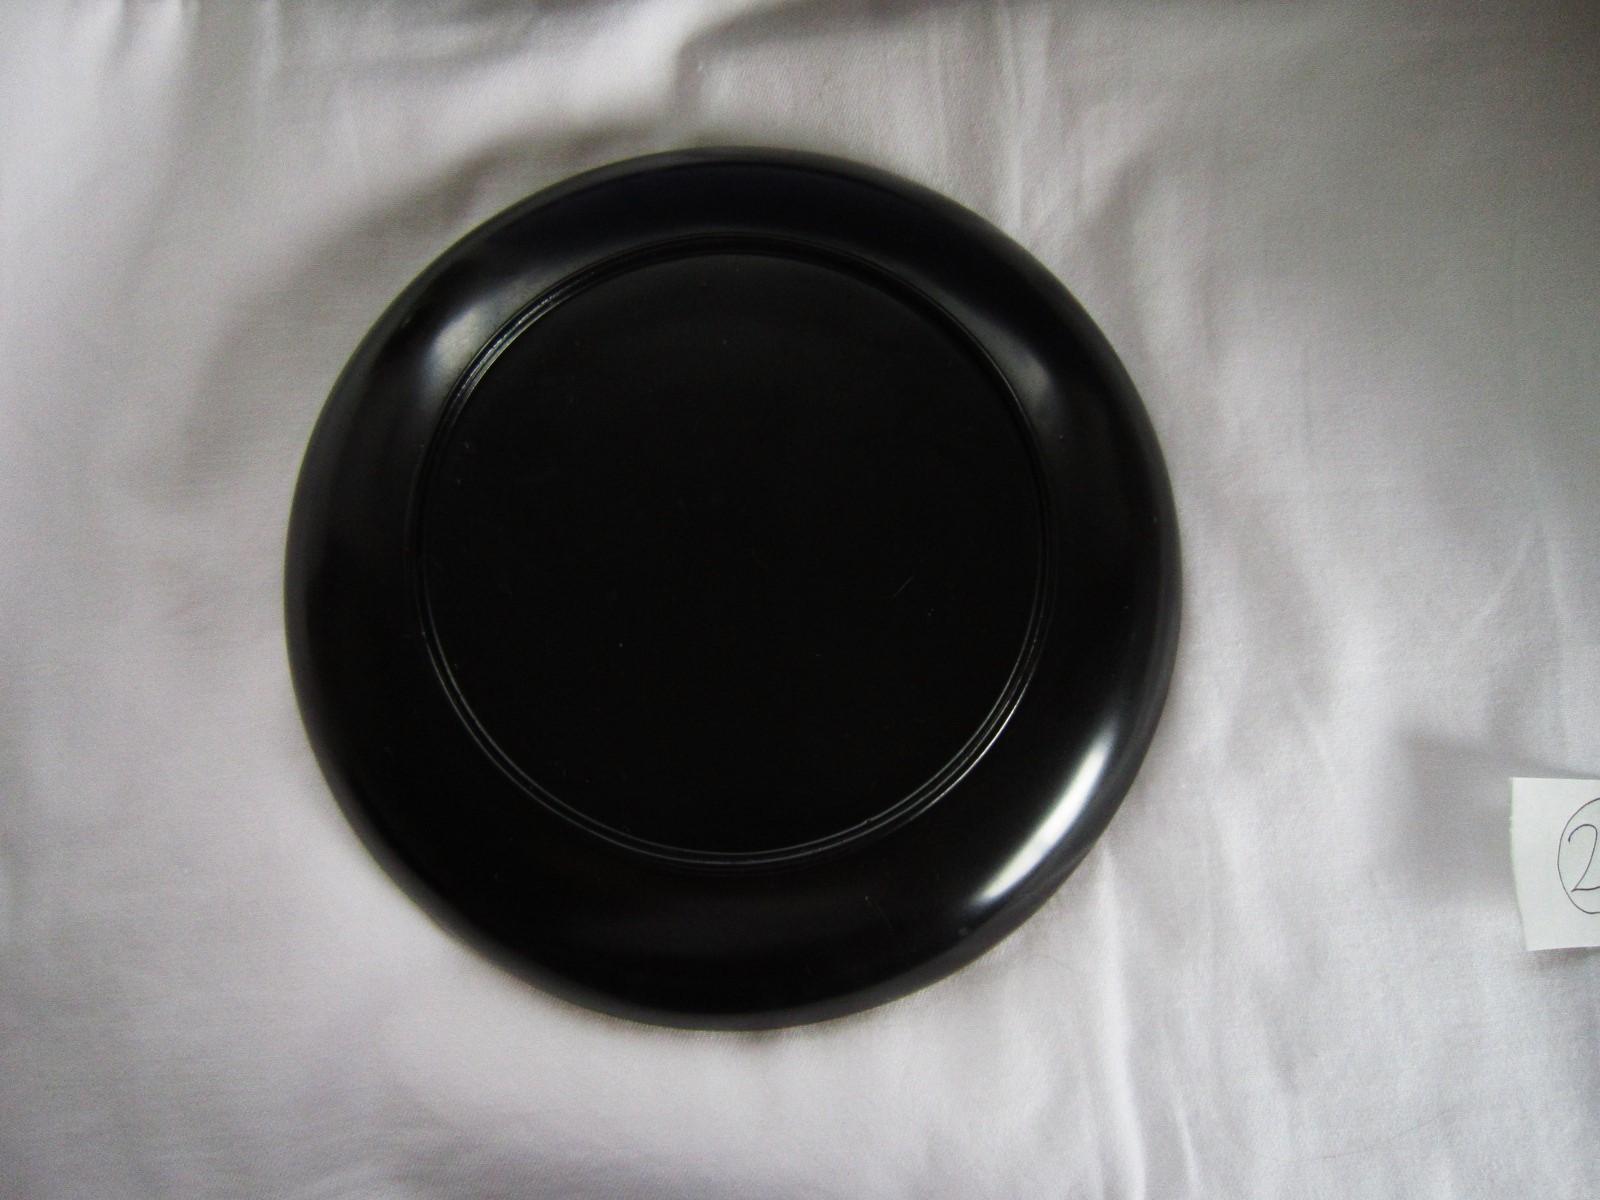 絵替わりの黒塗り蒔絵皿。_c0405112_18373342.jpg